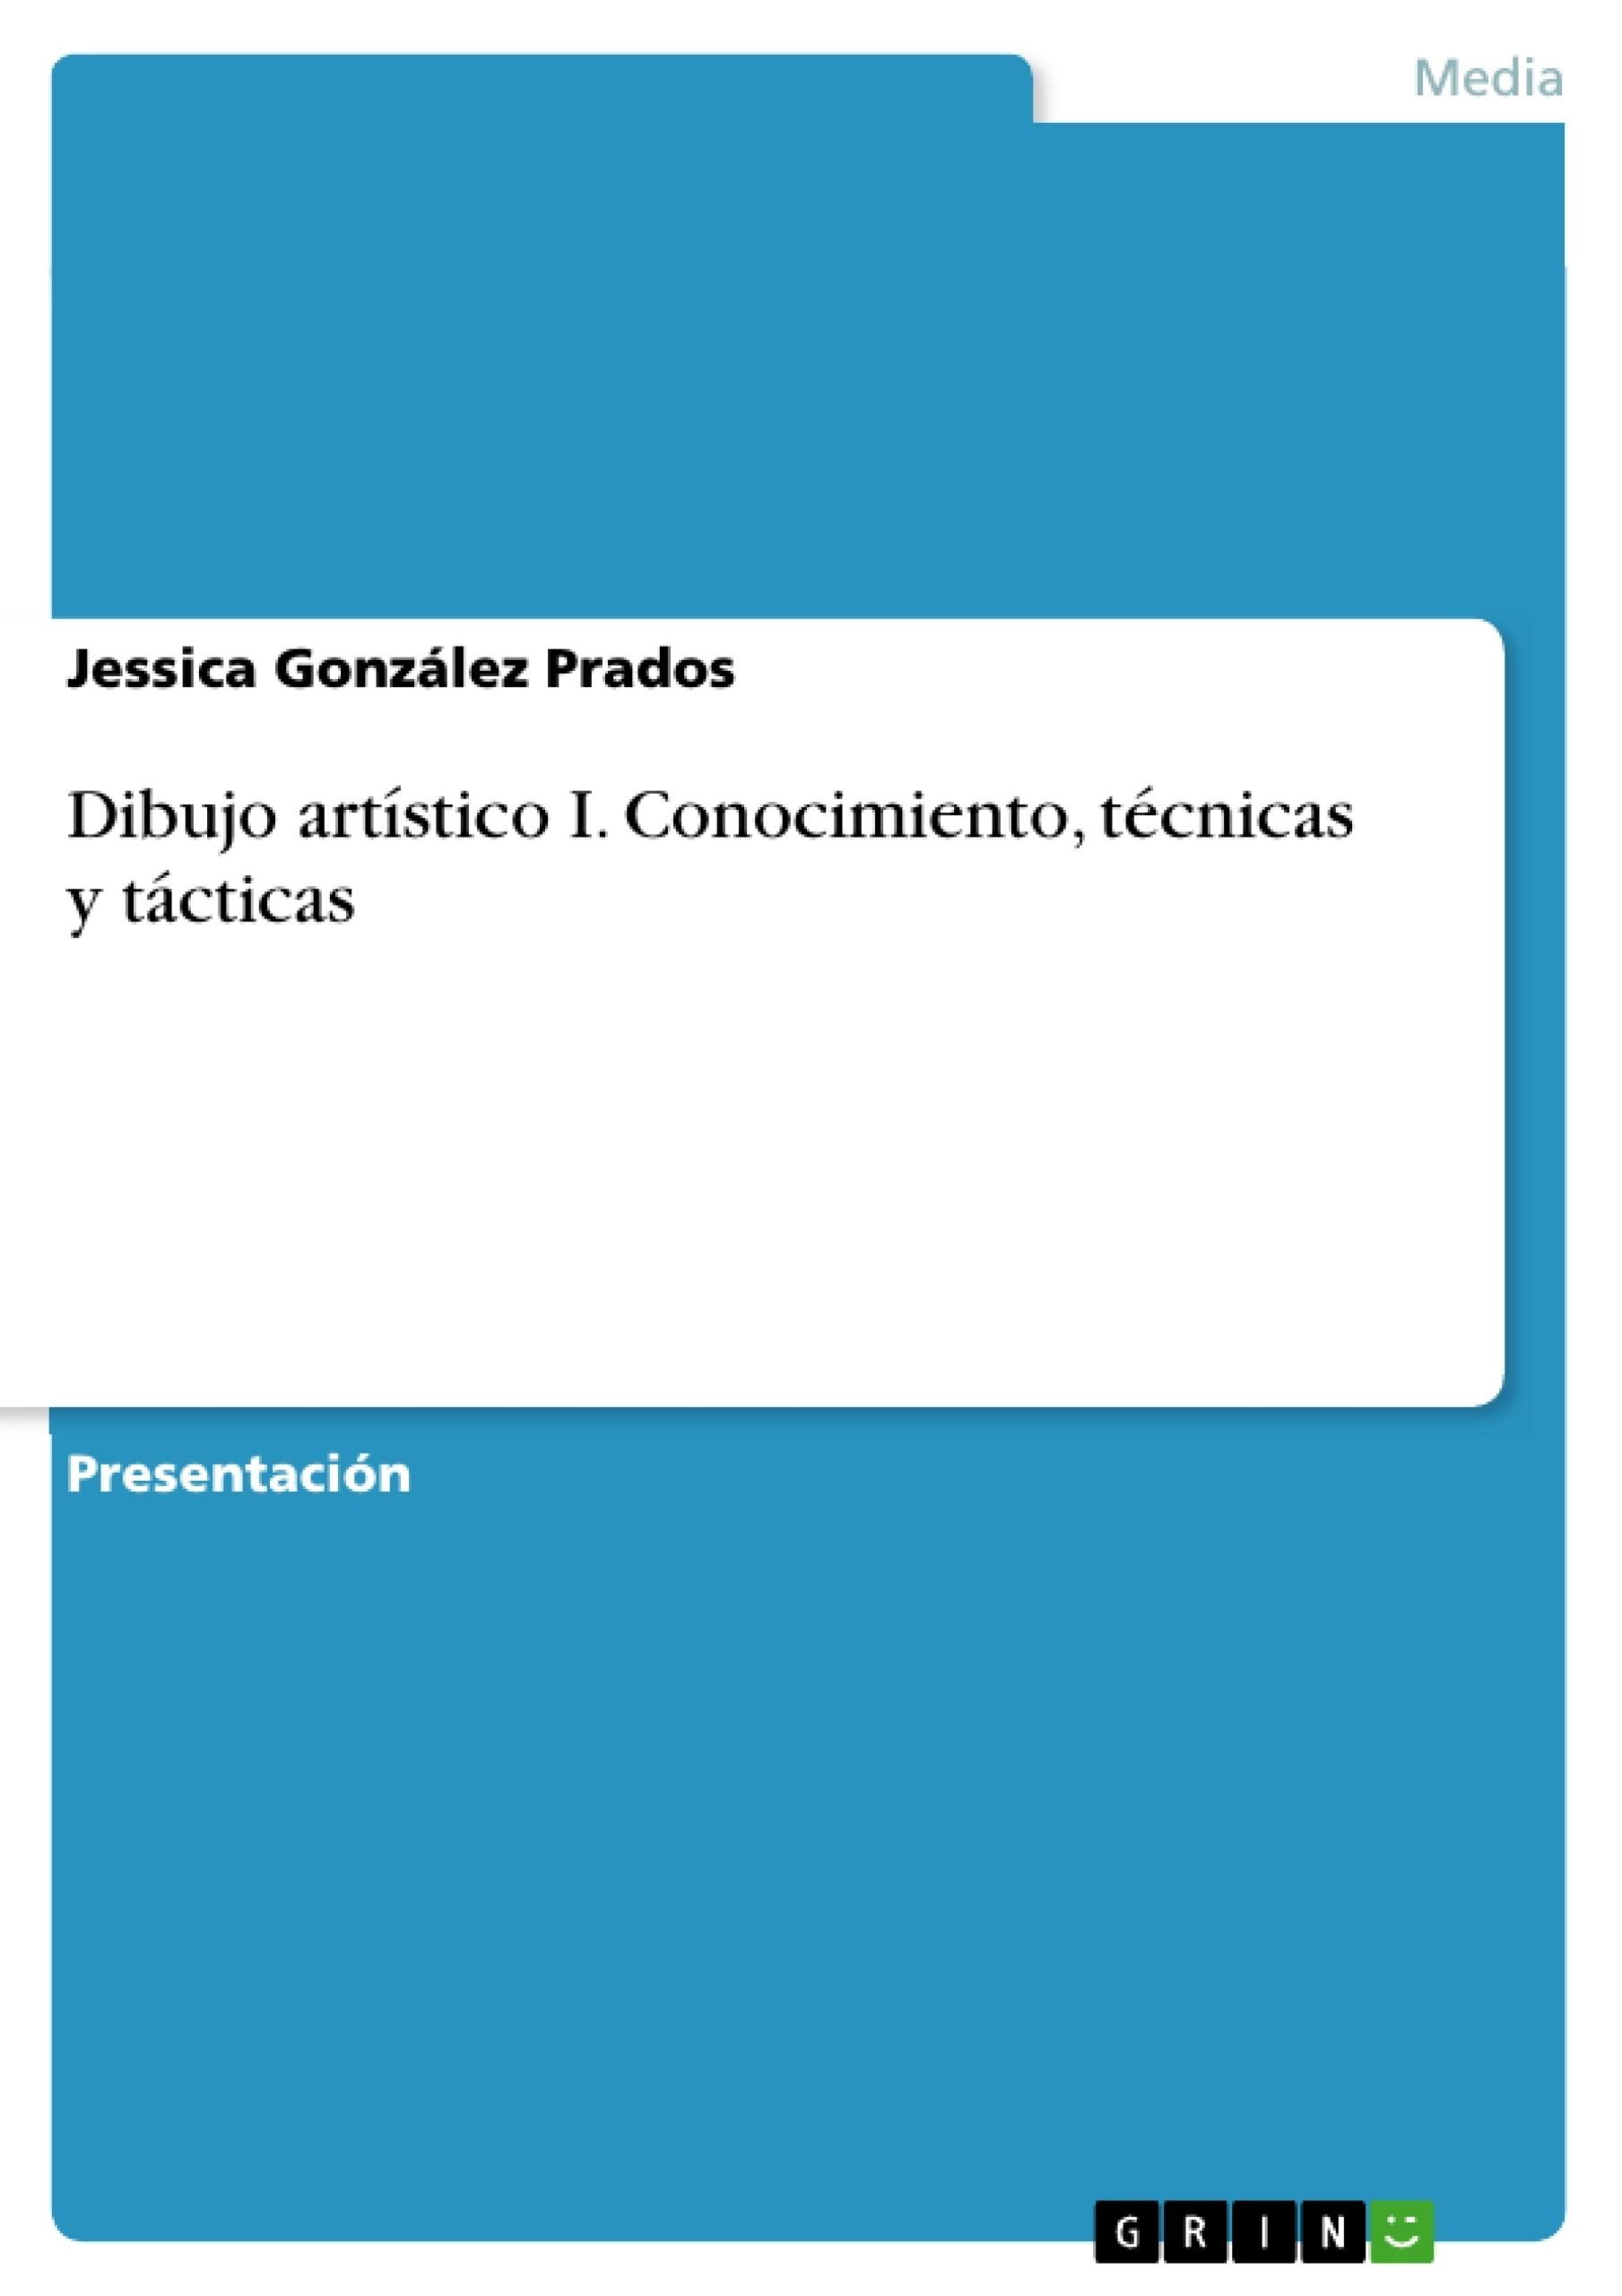 Título: Dibujo artístico I. Conocimiento, técnicas y tácticas